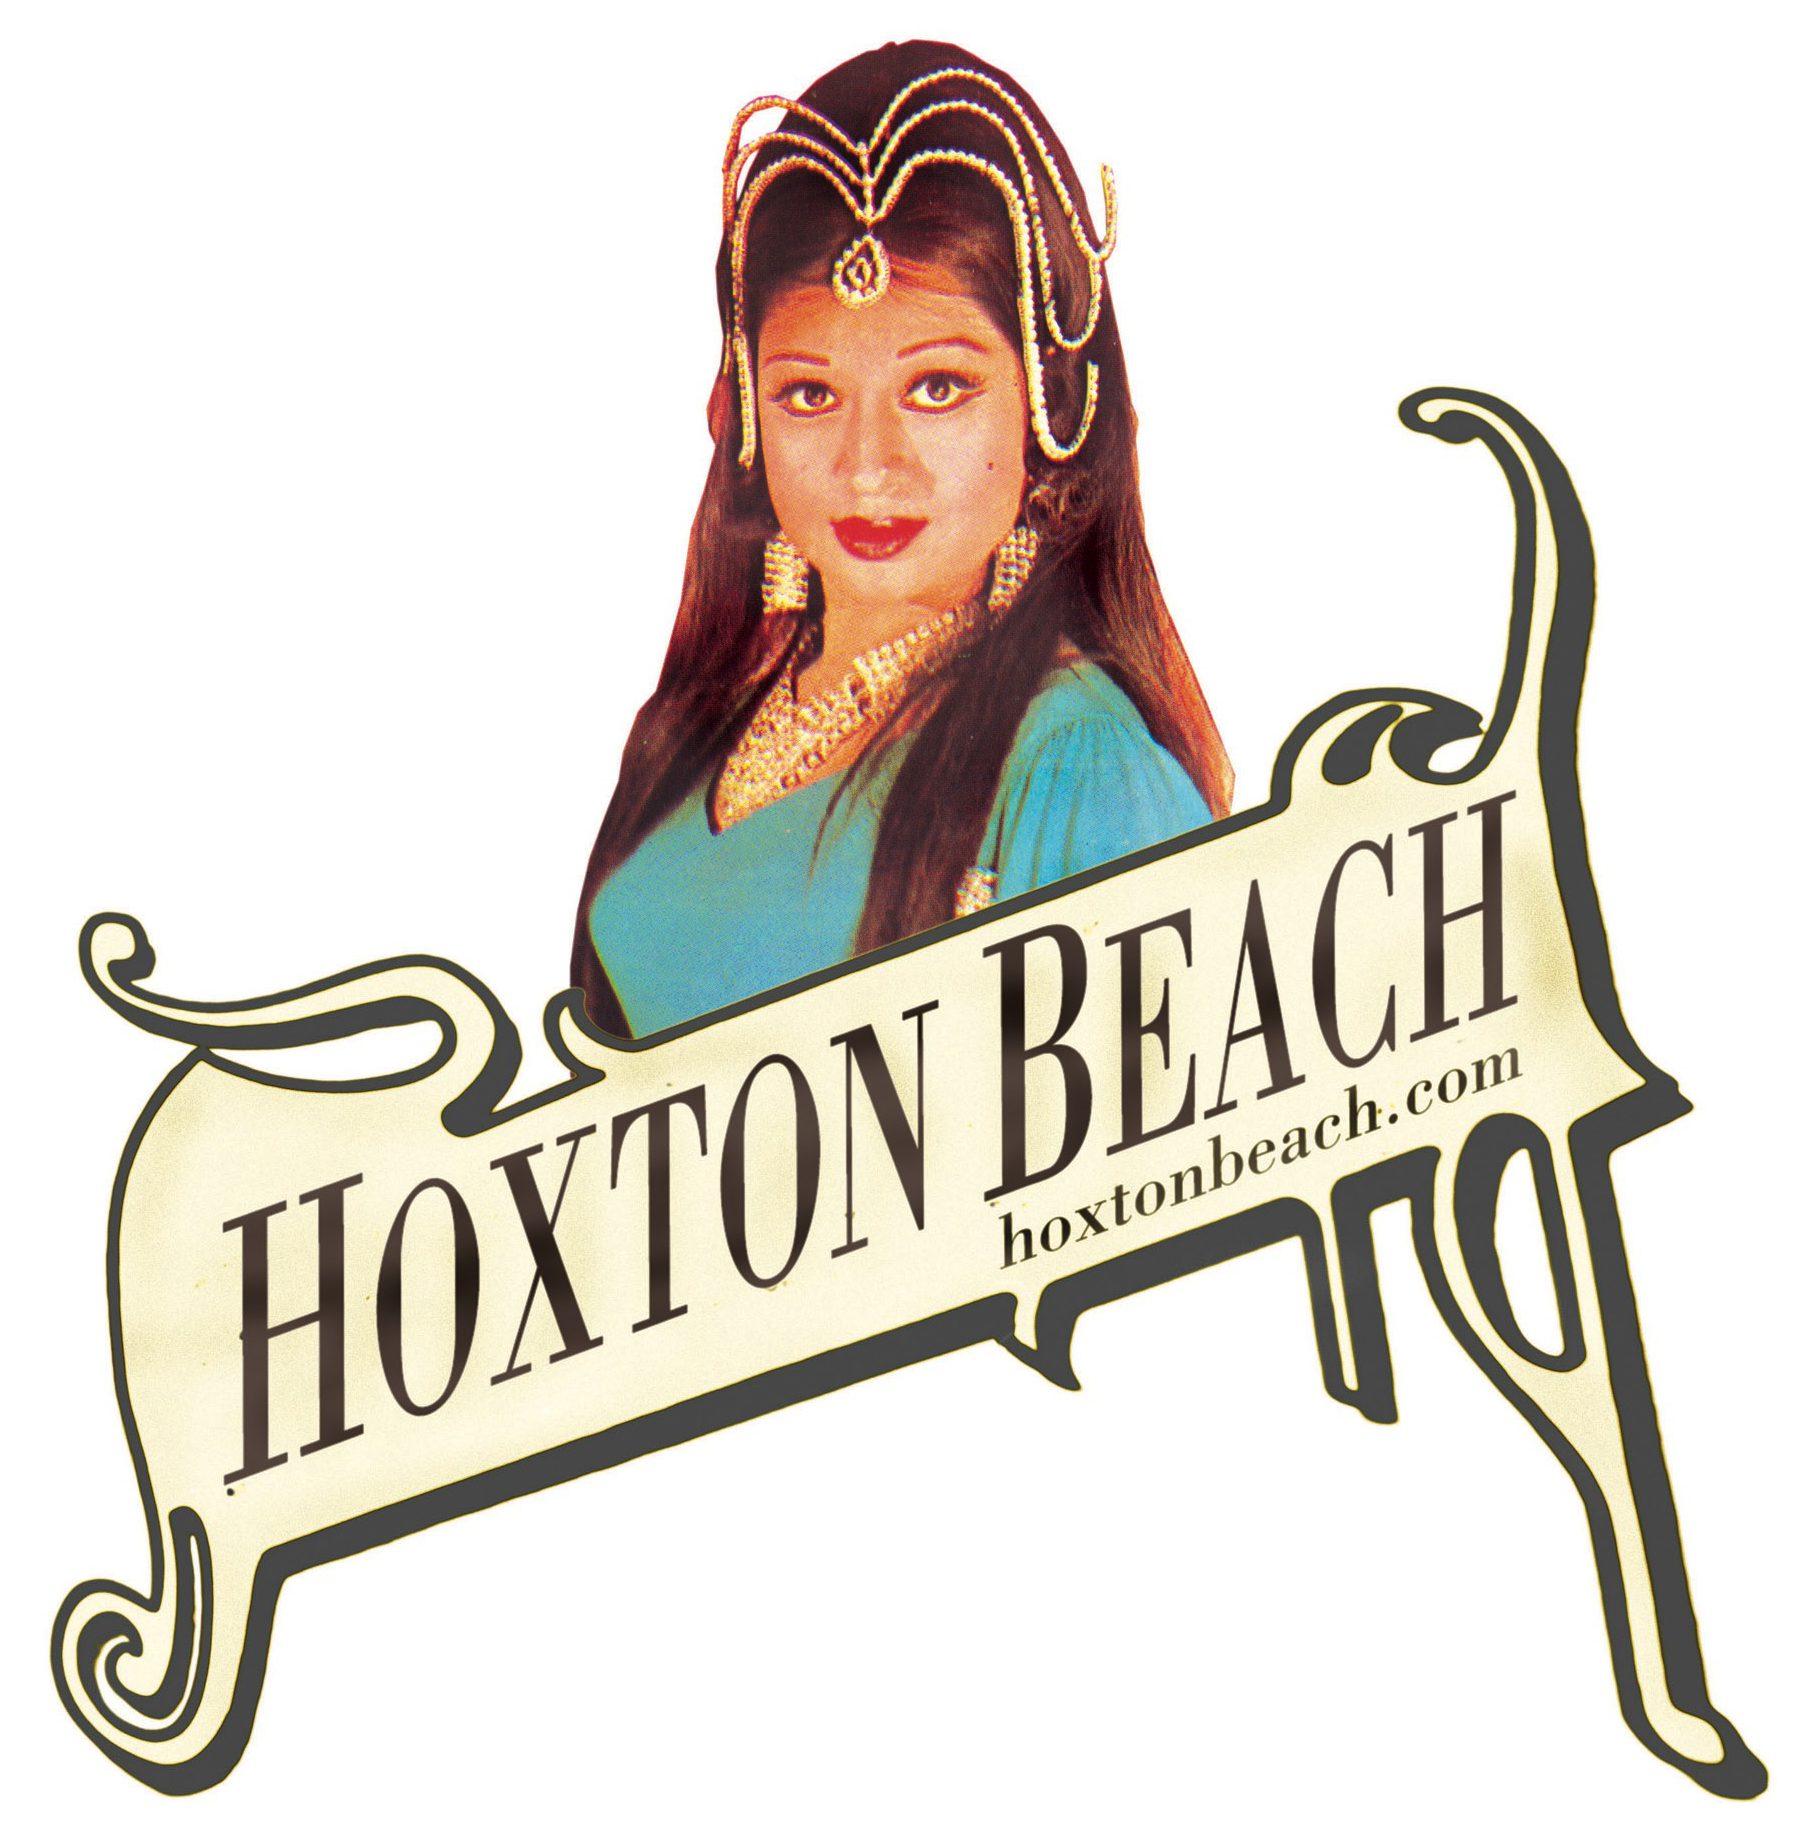 Hoxton Beach